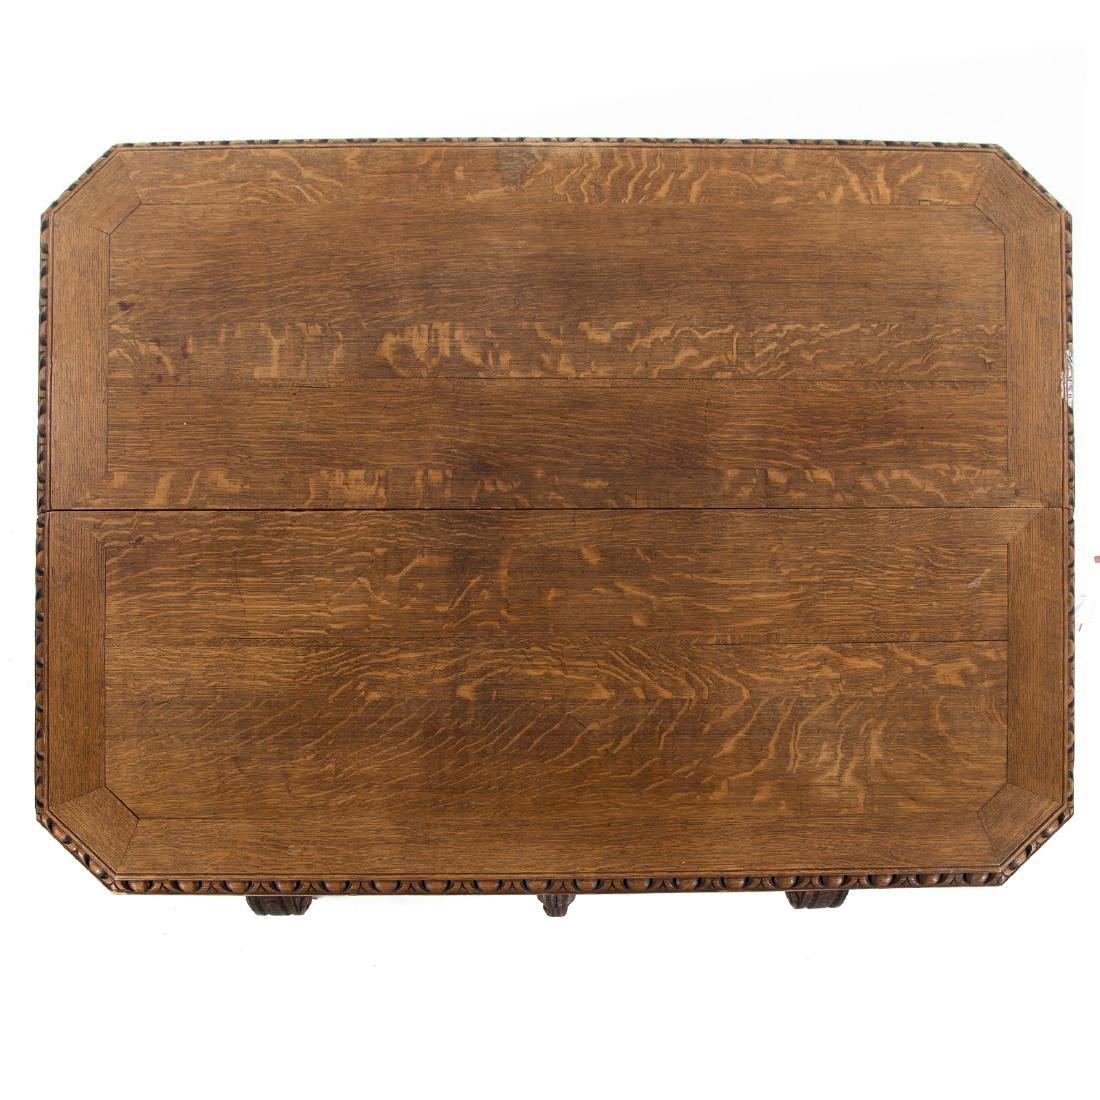 Elizabethan Revival carved oak library table - 3